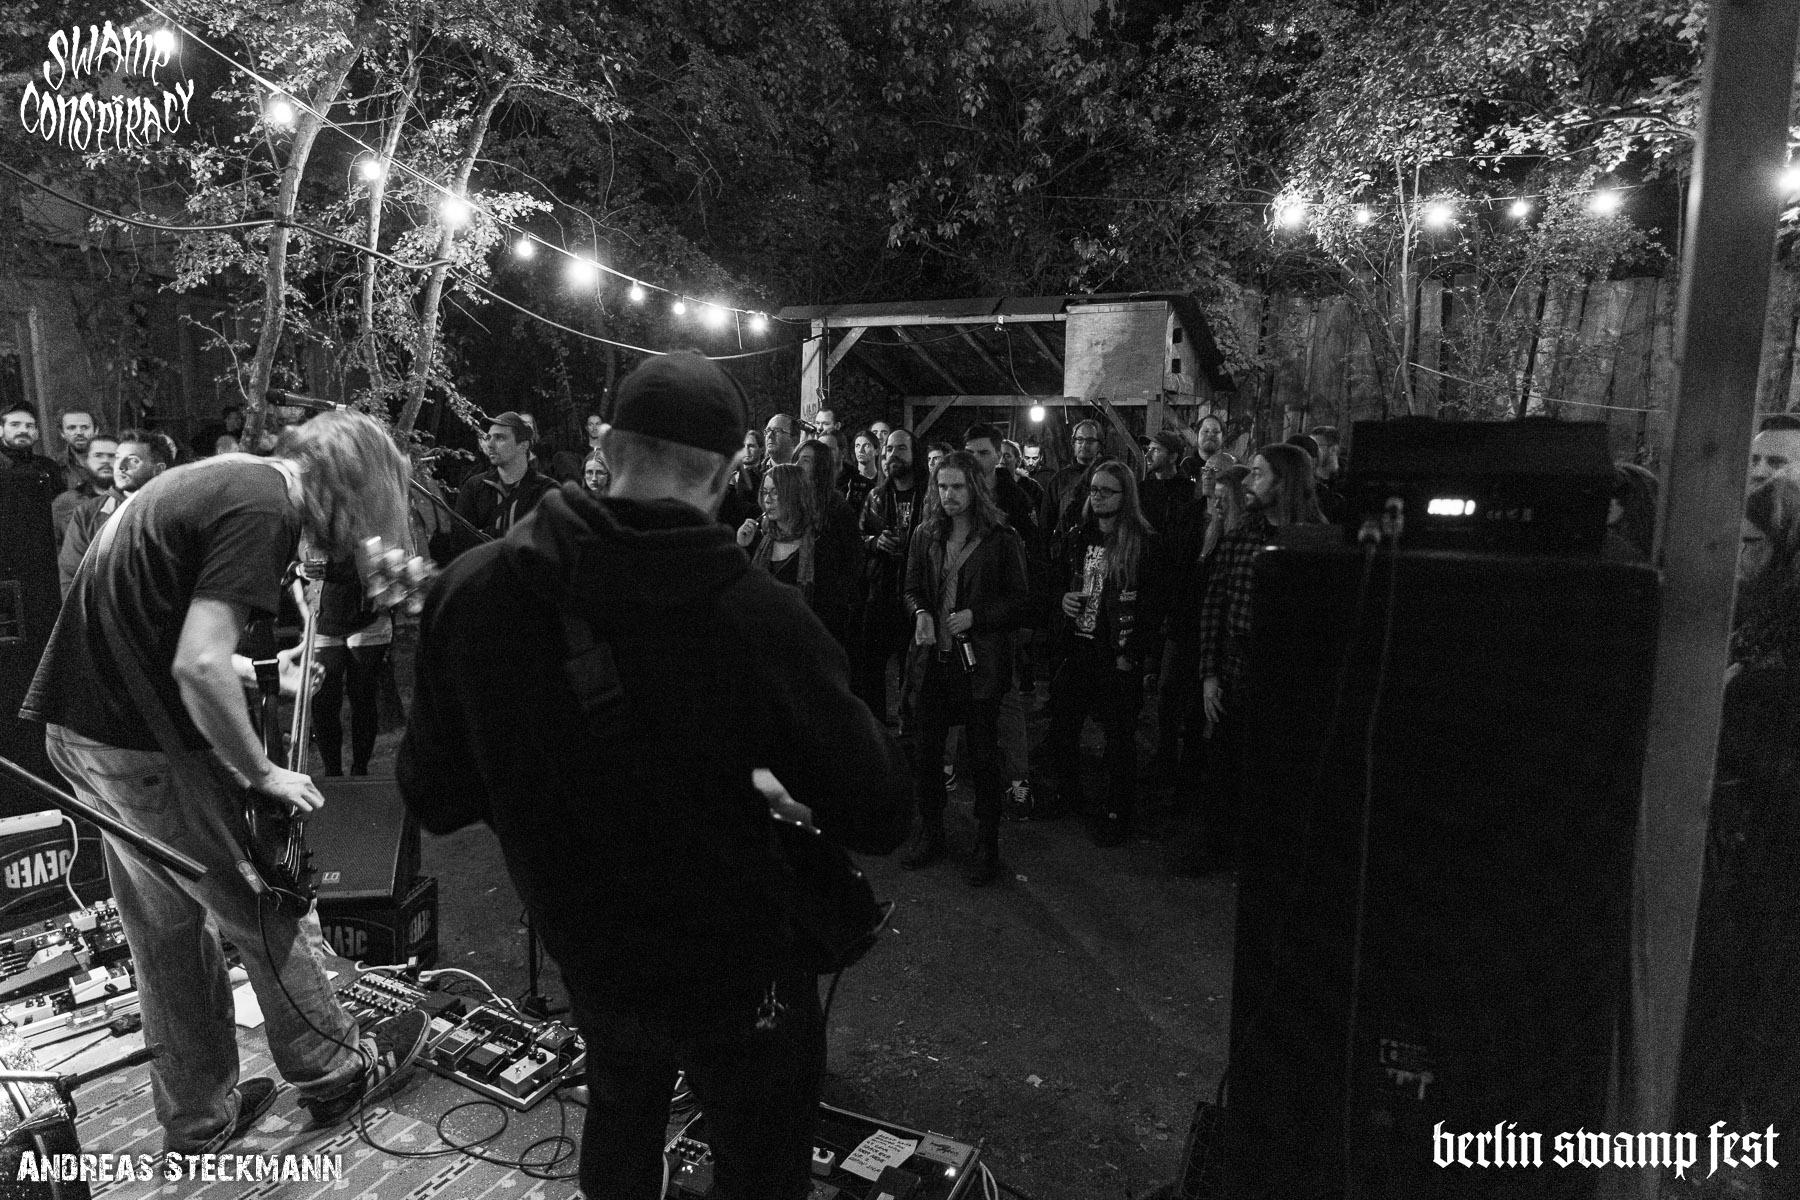 Great_Ocean_Drive_Berlin_Swamp_Fest_2019_12